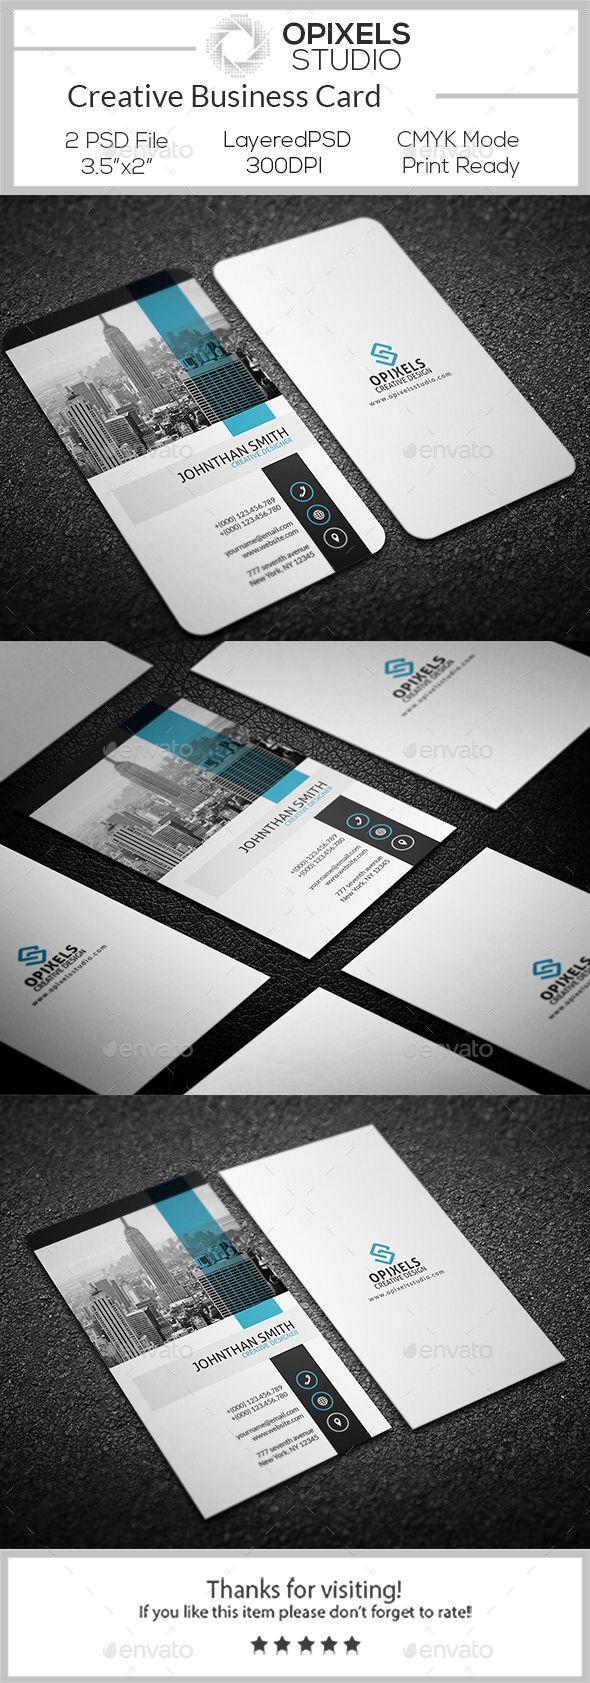 35 best Name card images on Pinterest | Business card design, Letter ...